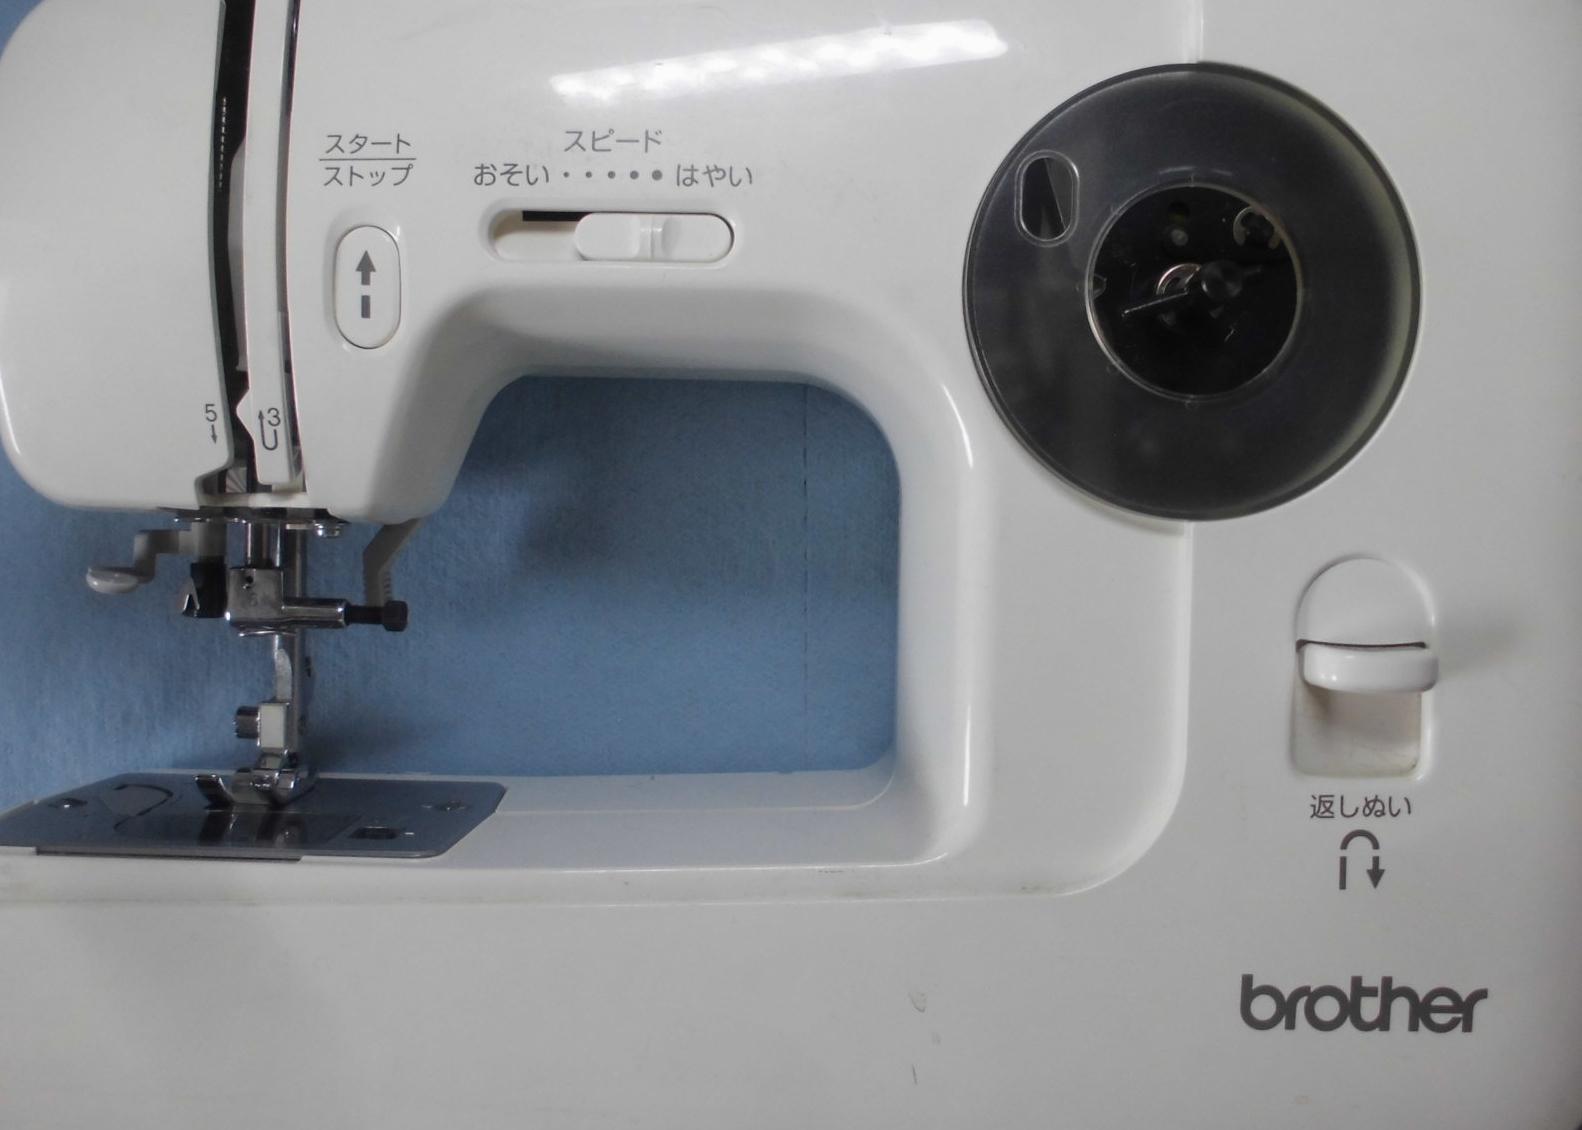 ブラザーミシン修理|EL135シリーズ|縫えない、釜が回らない、釜ずれ、タイミング不良